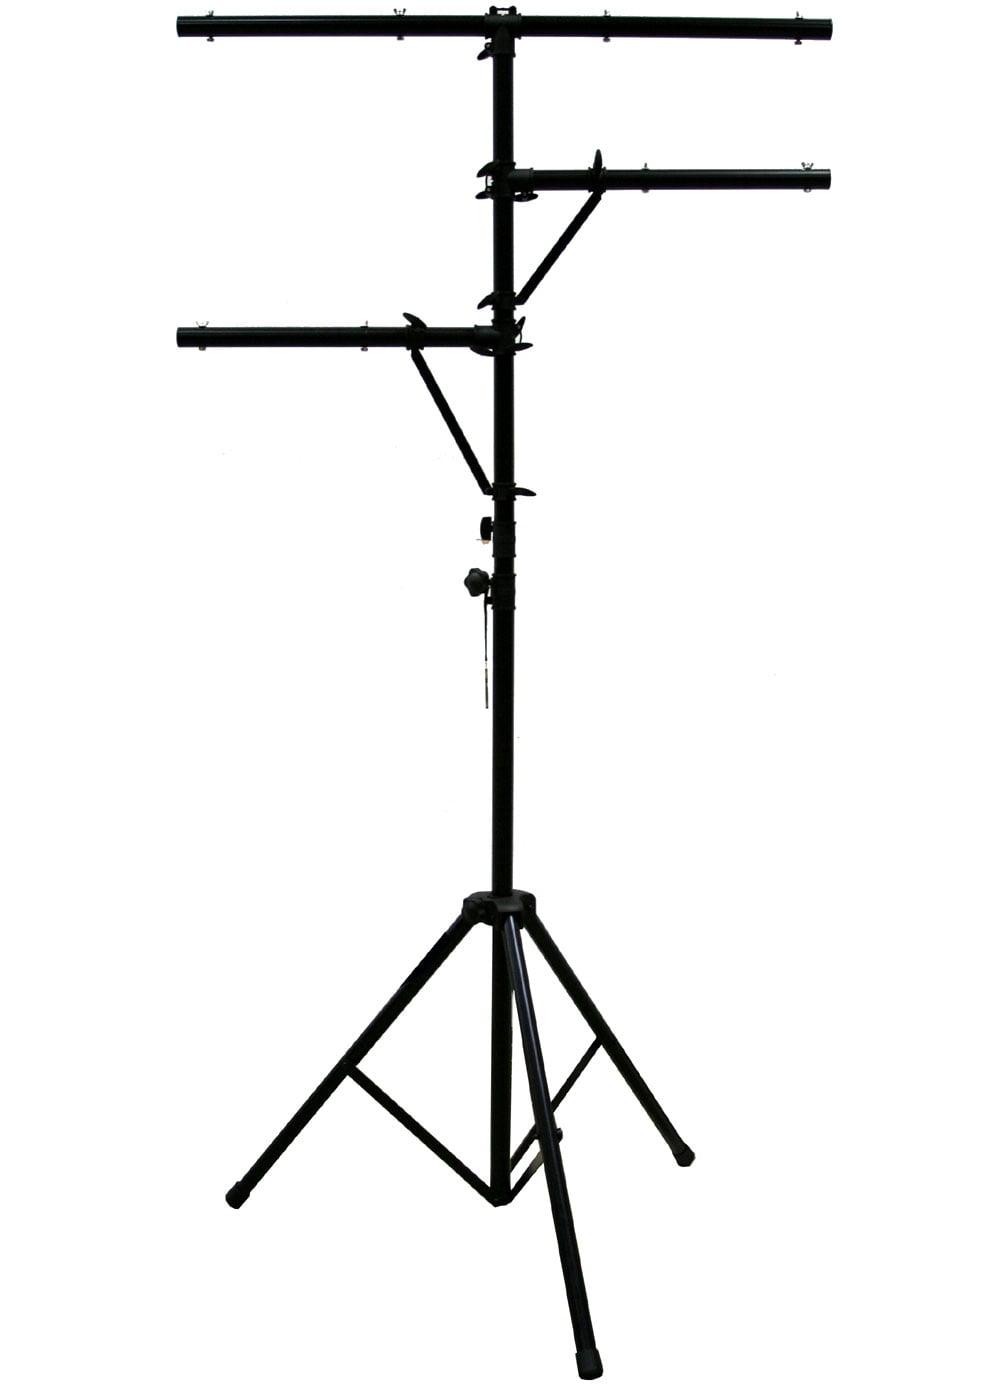 Pro Audio DJ Quad Tree 8 Bolt Lighting Fixture 12 Foot Height Tripod Light Stand by